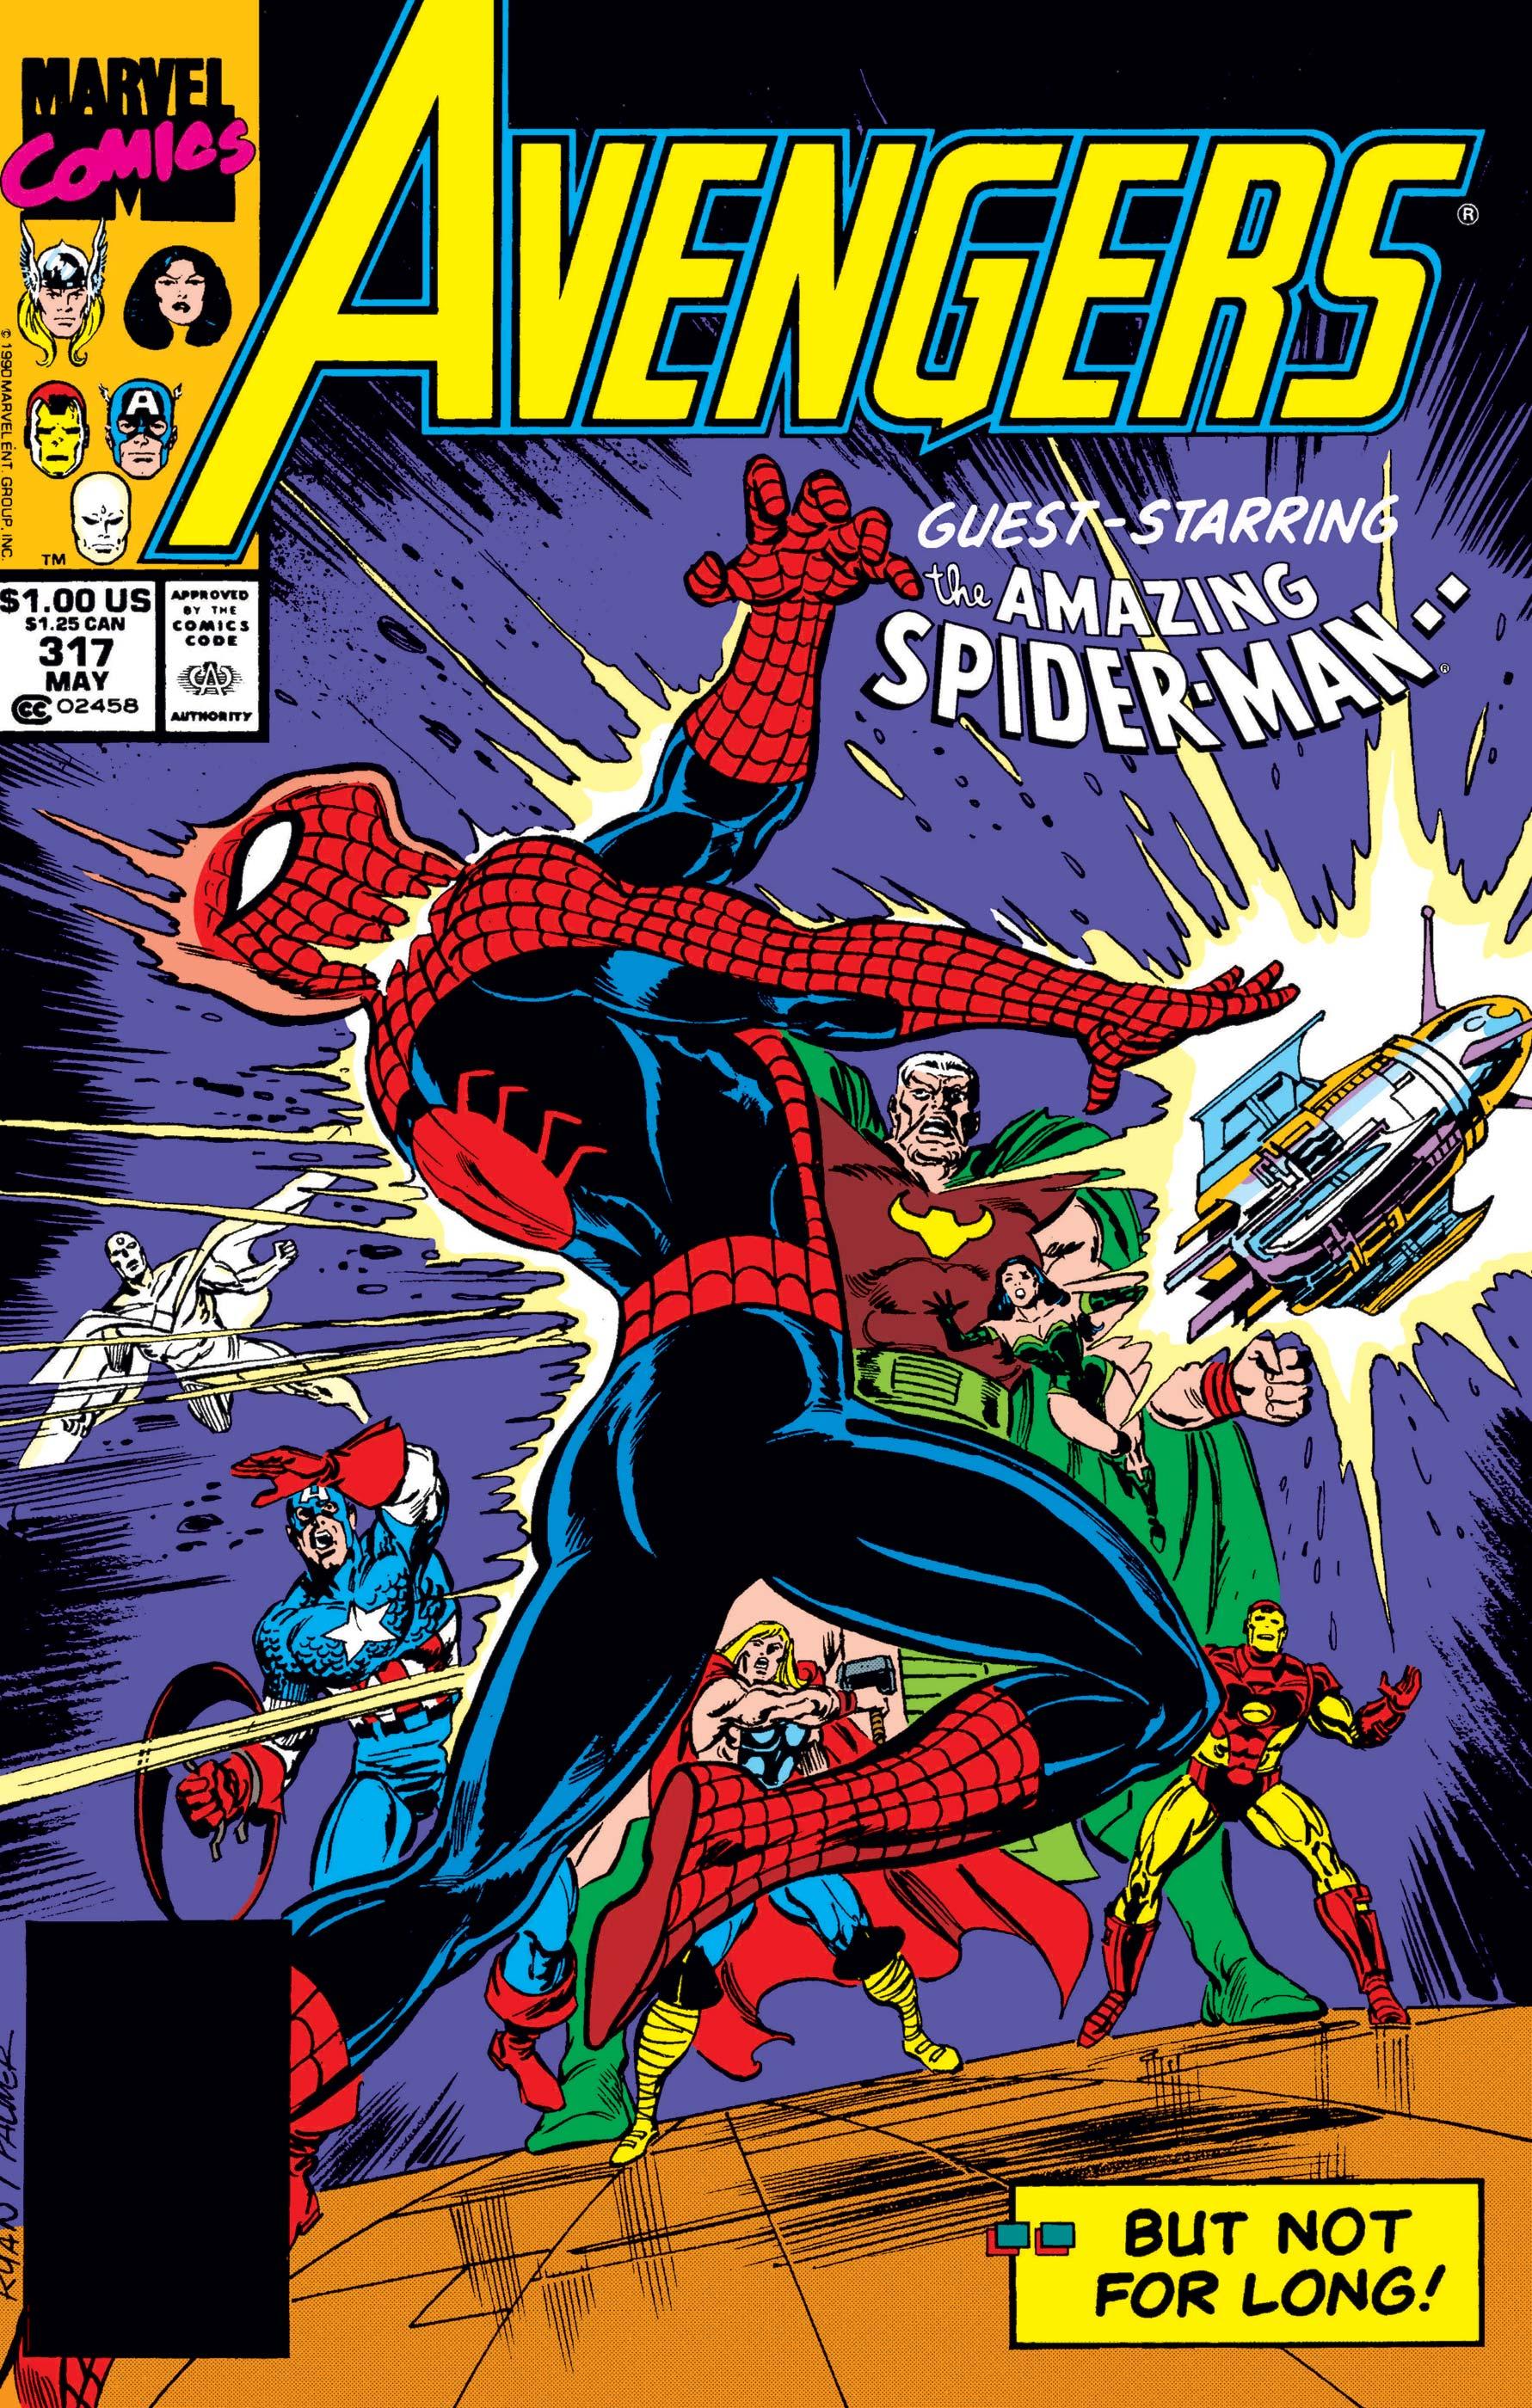 Avengers (1963) #317